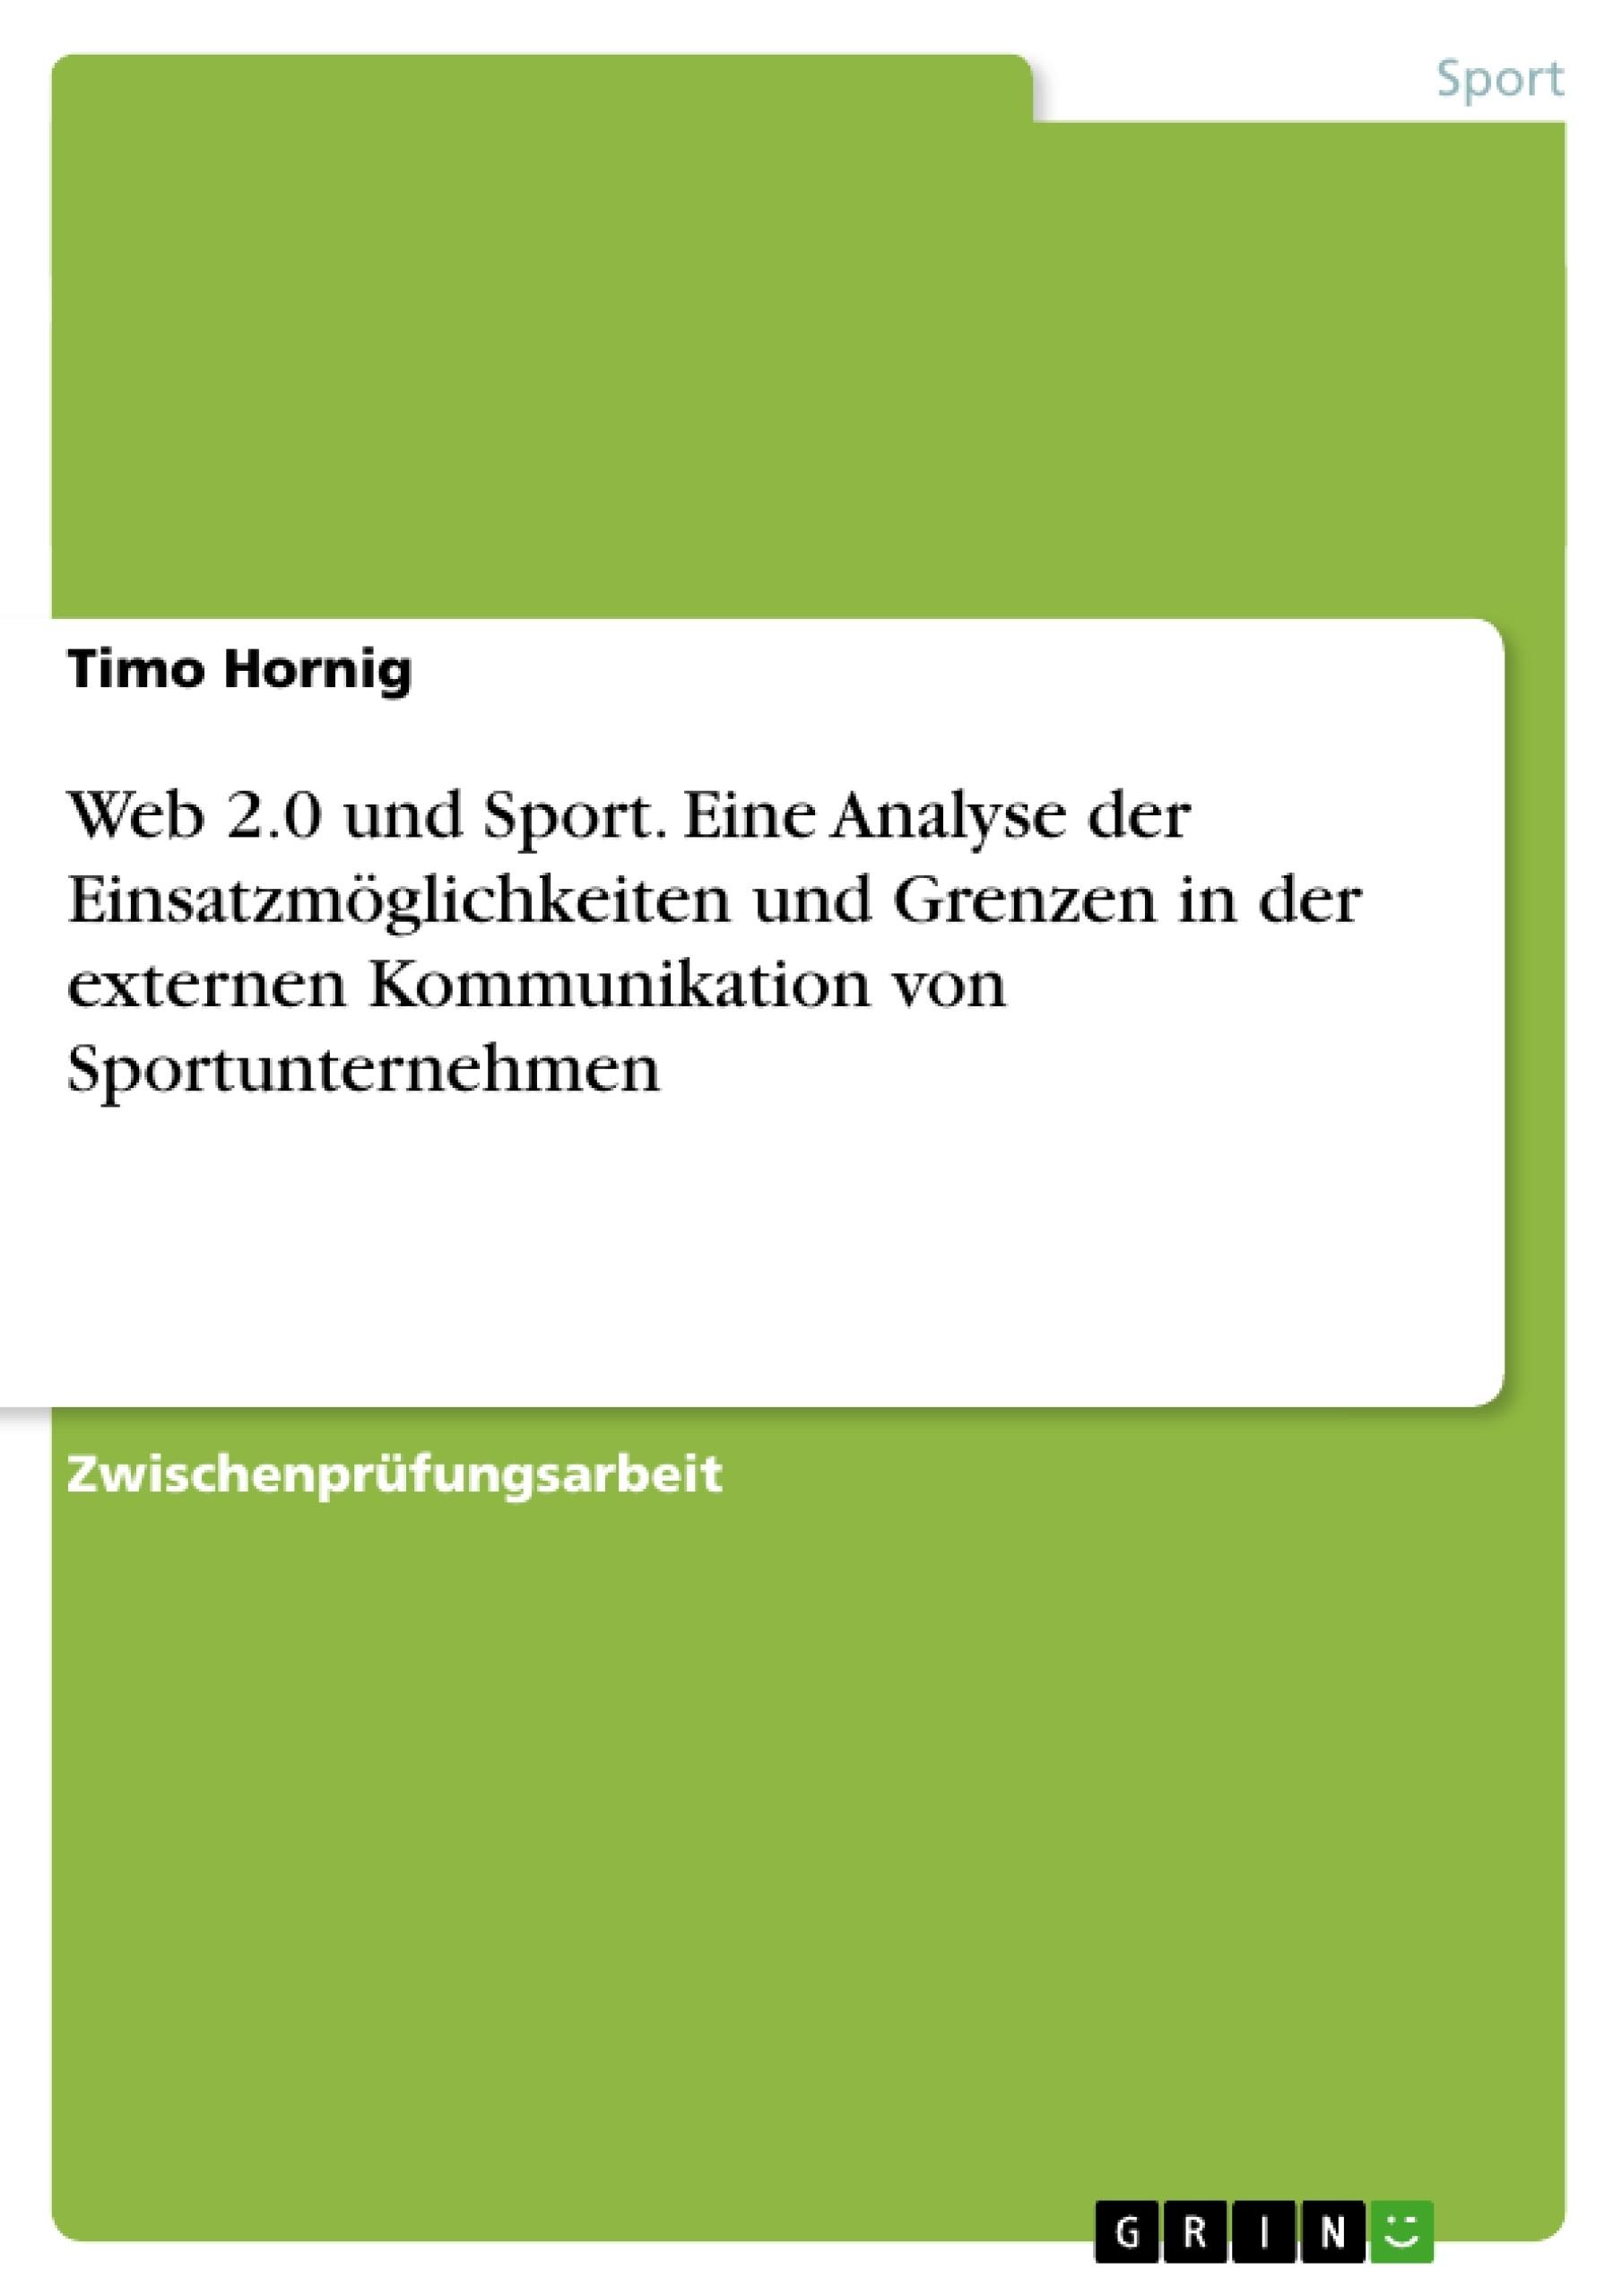 Titel: Web 2.0 und Sport. Eine Analyse der Einsatzmöglichkeiten und Grenzen in der externen Kommunikation von Sportunternehmen